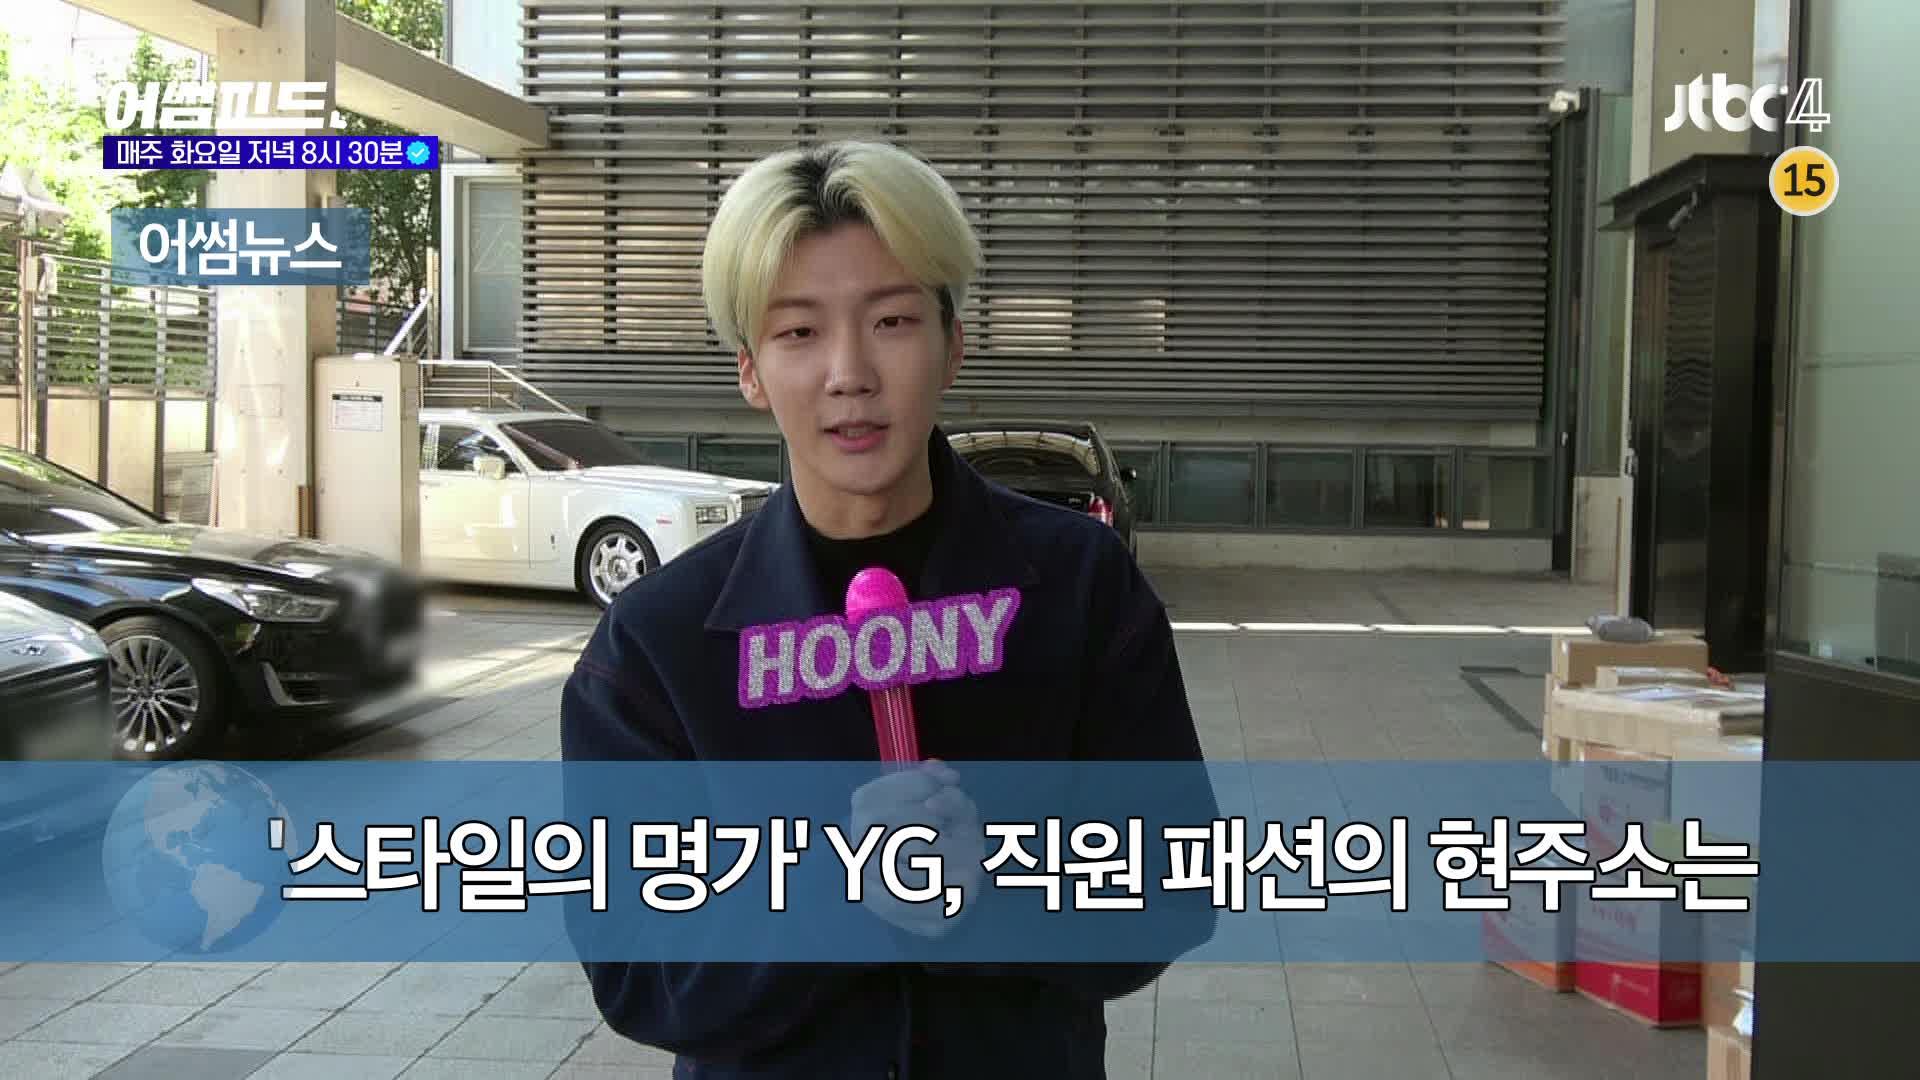 [어썸피드 선공개] YG 직원 패션의 현주소를 파헤친다!